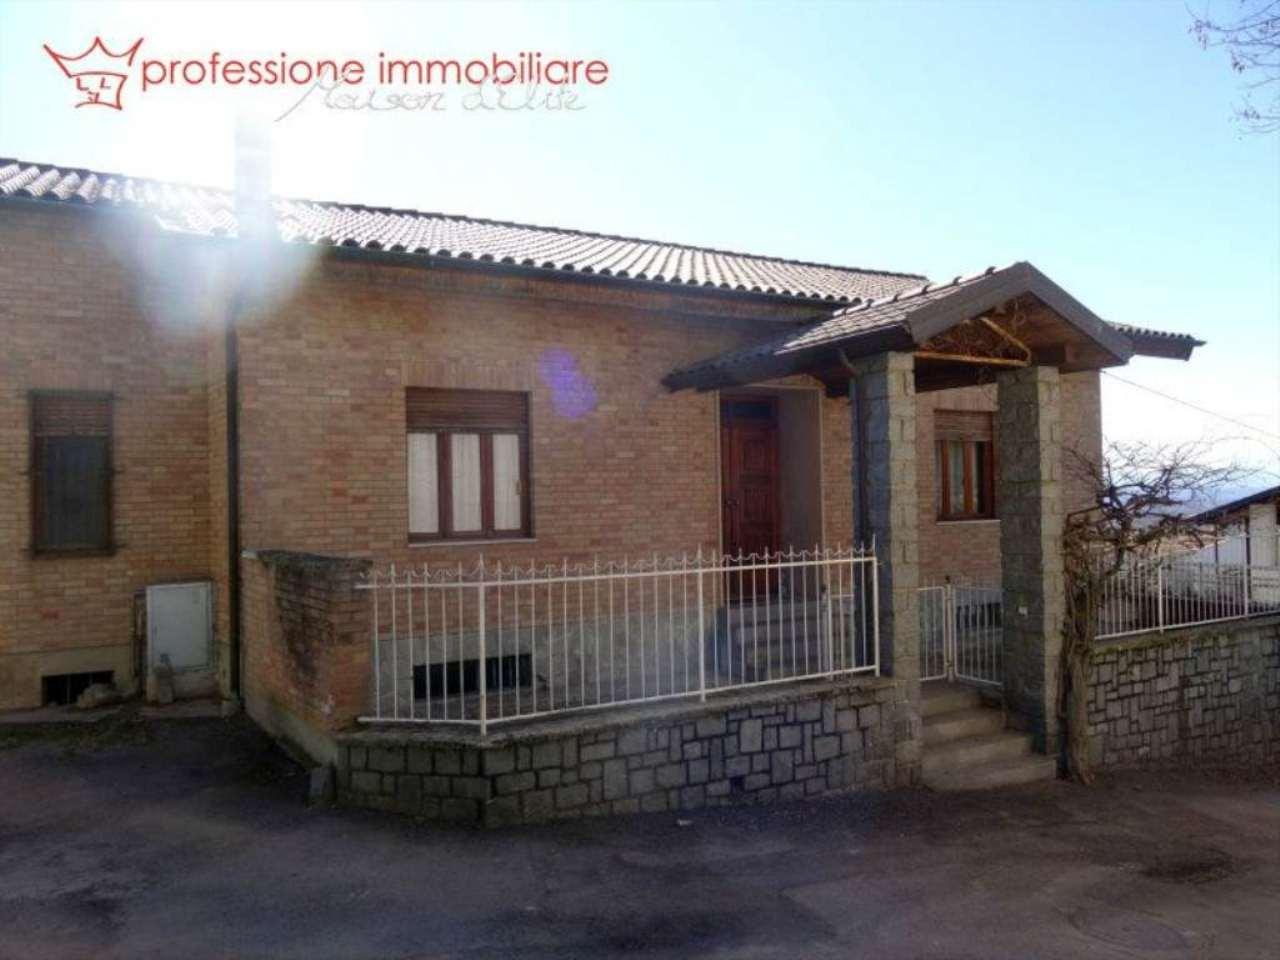 Soluzione Indipendente in vendita a Montalenghe, 5 locali, prezzo € 179.000 | CambioCasa.it